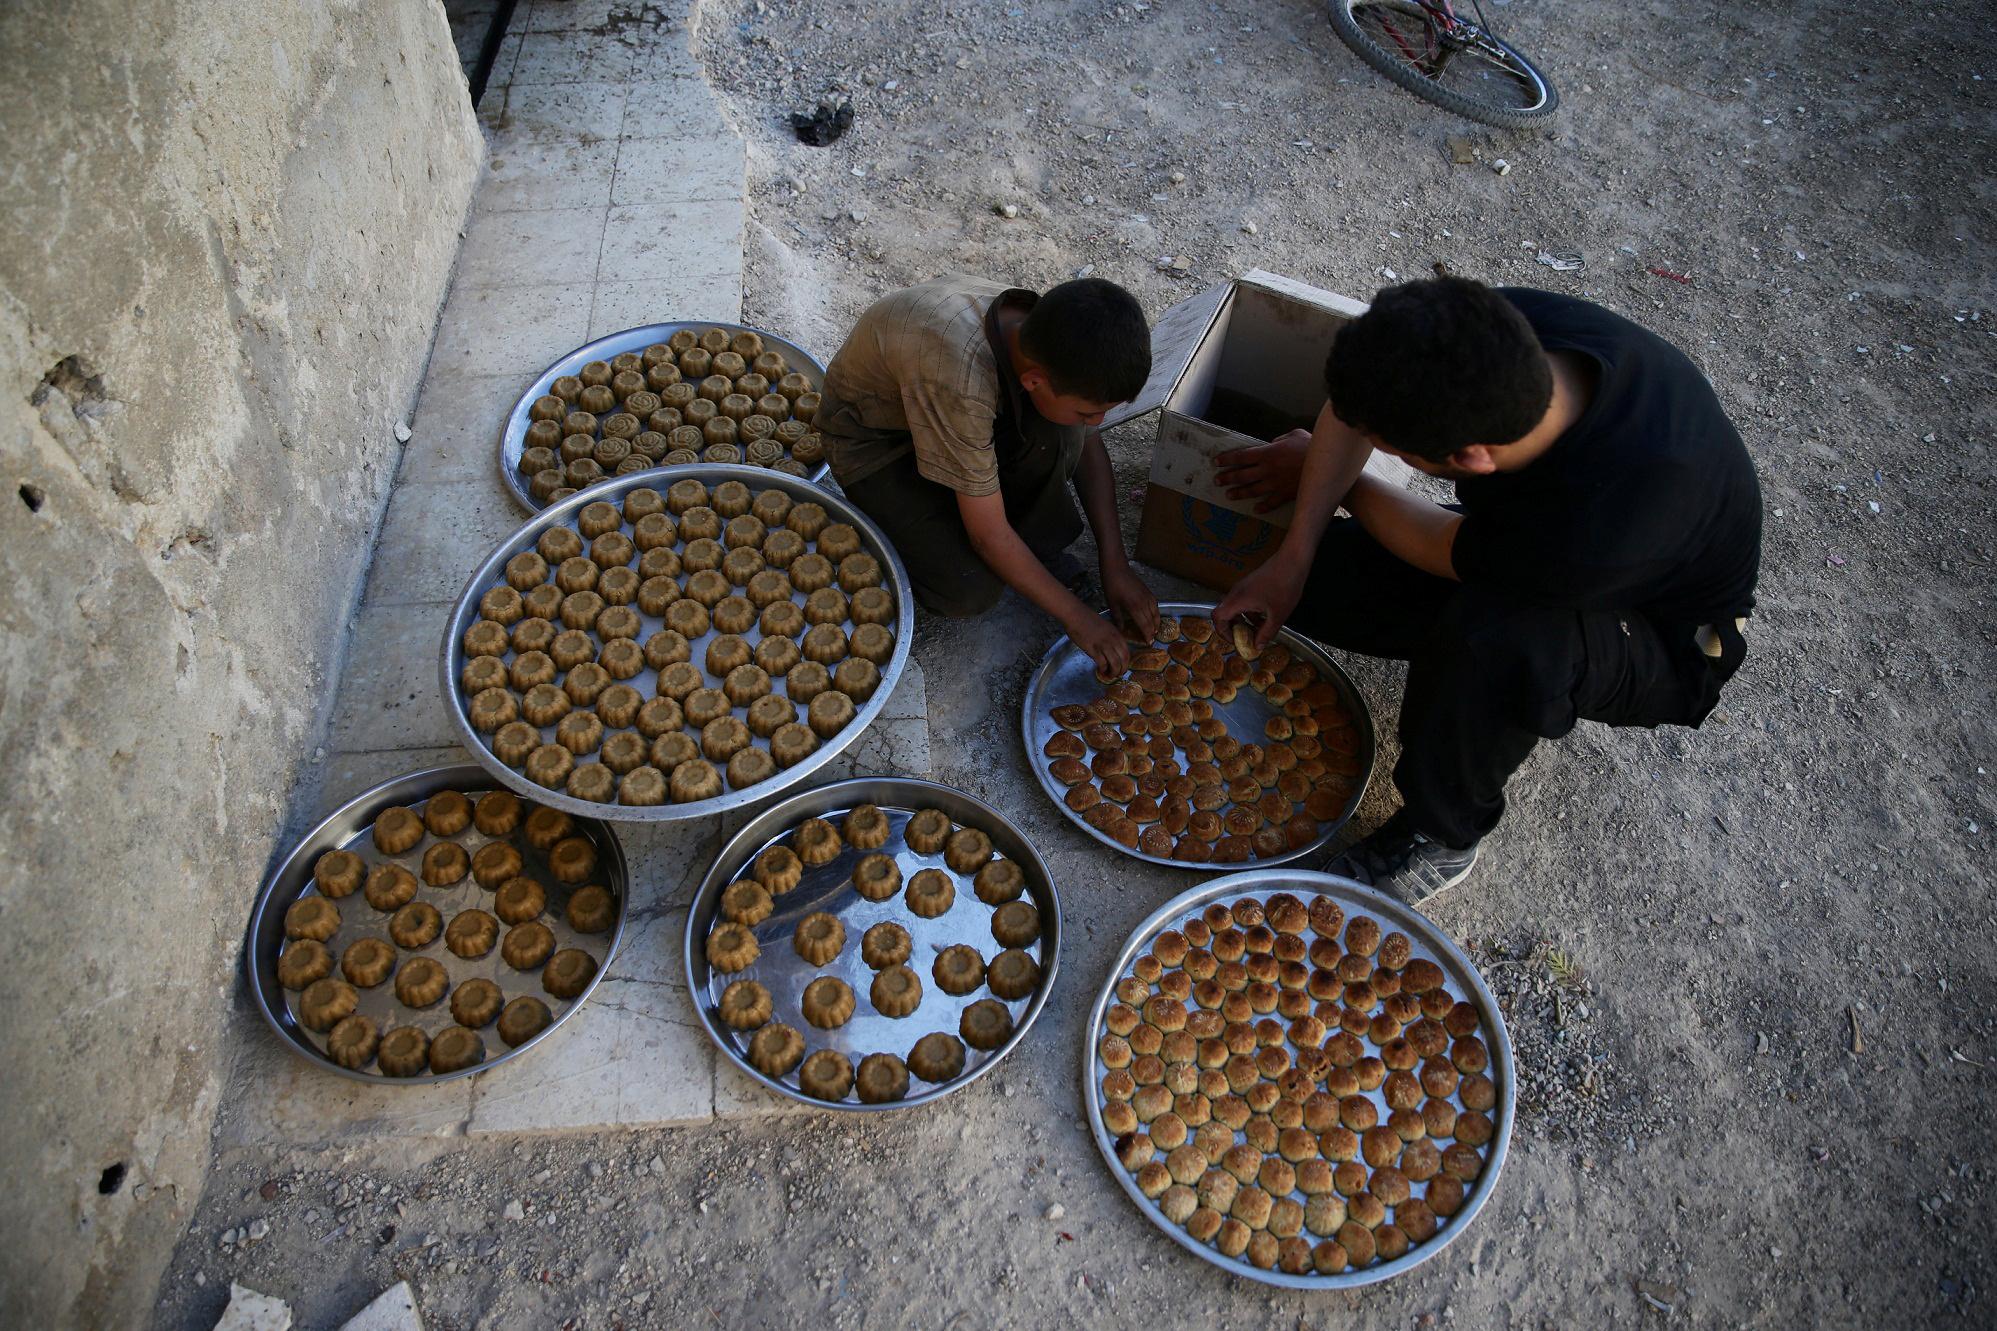 Syria-RamadanEid